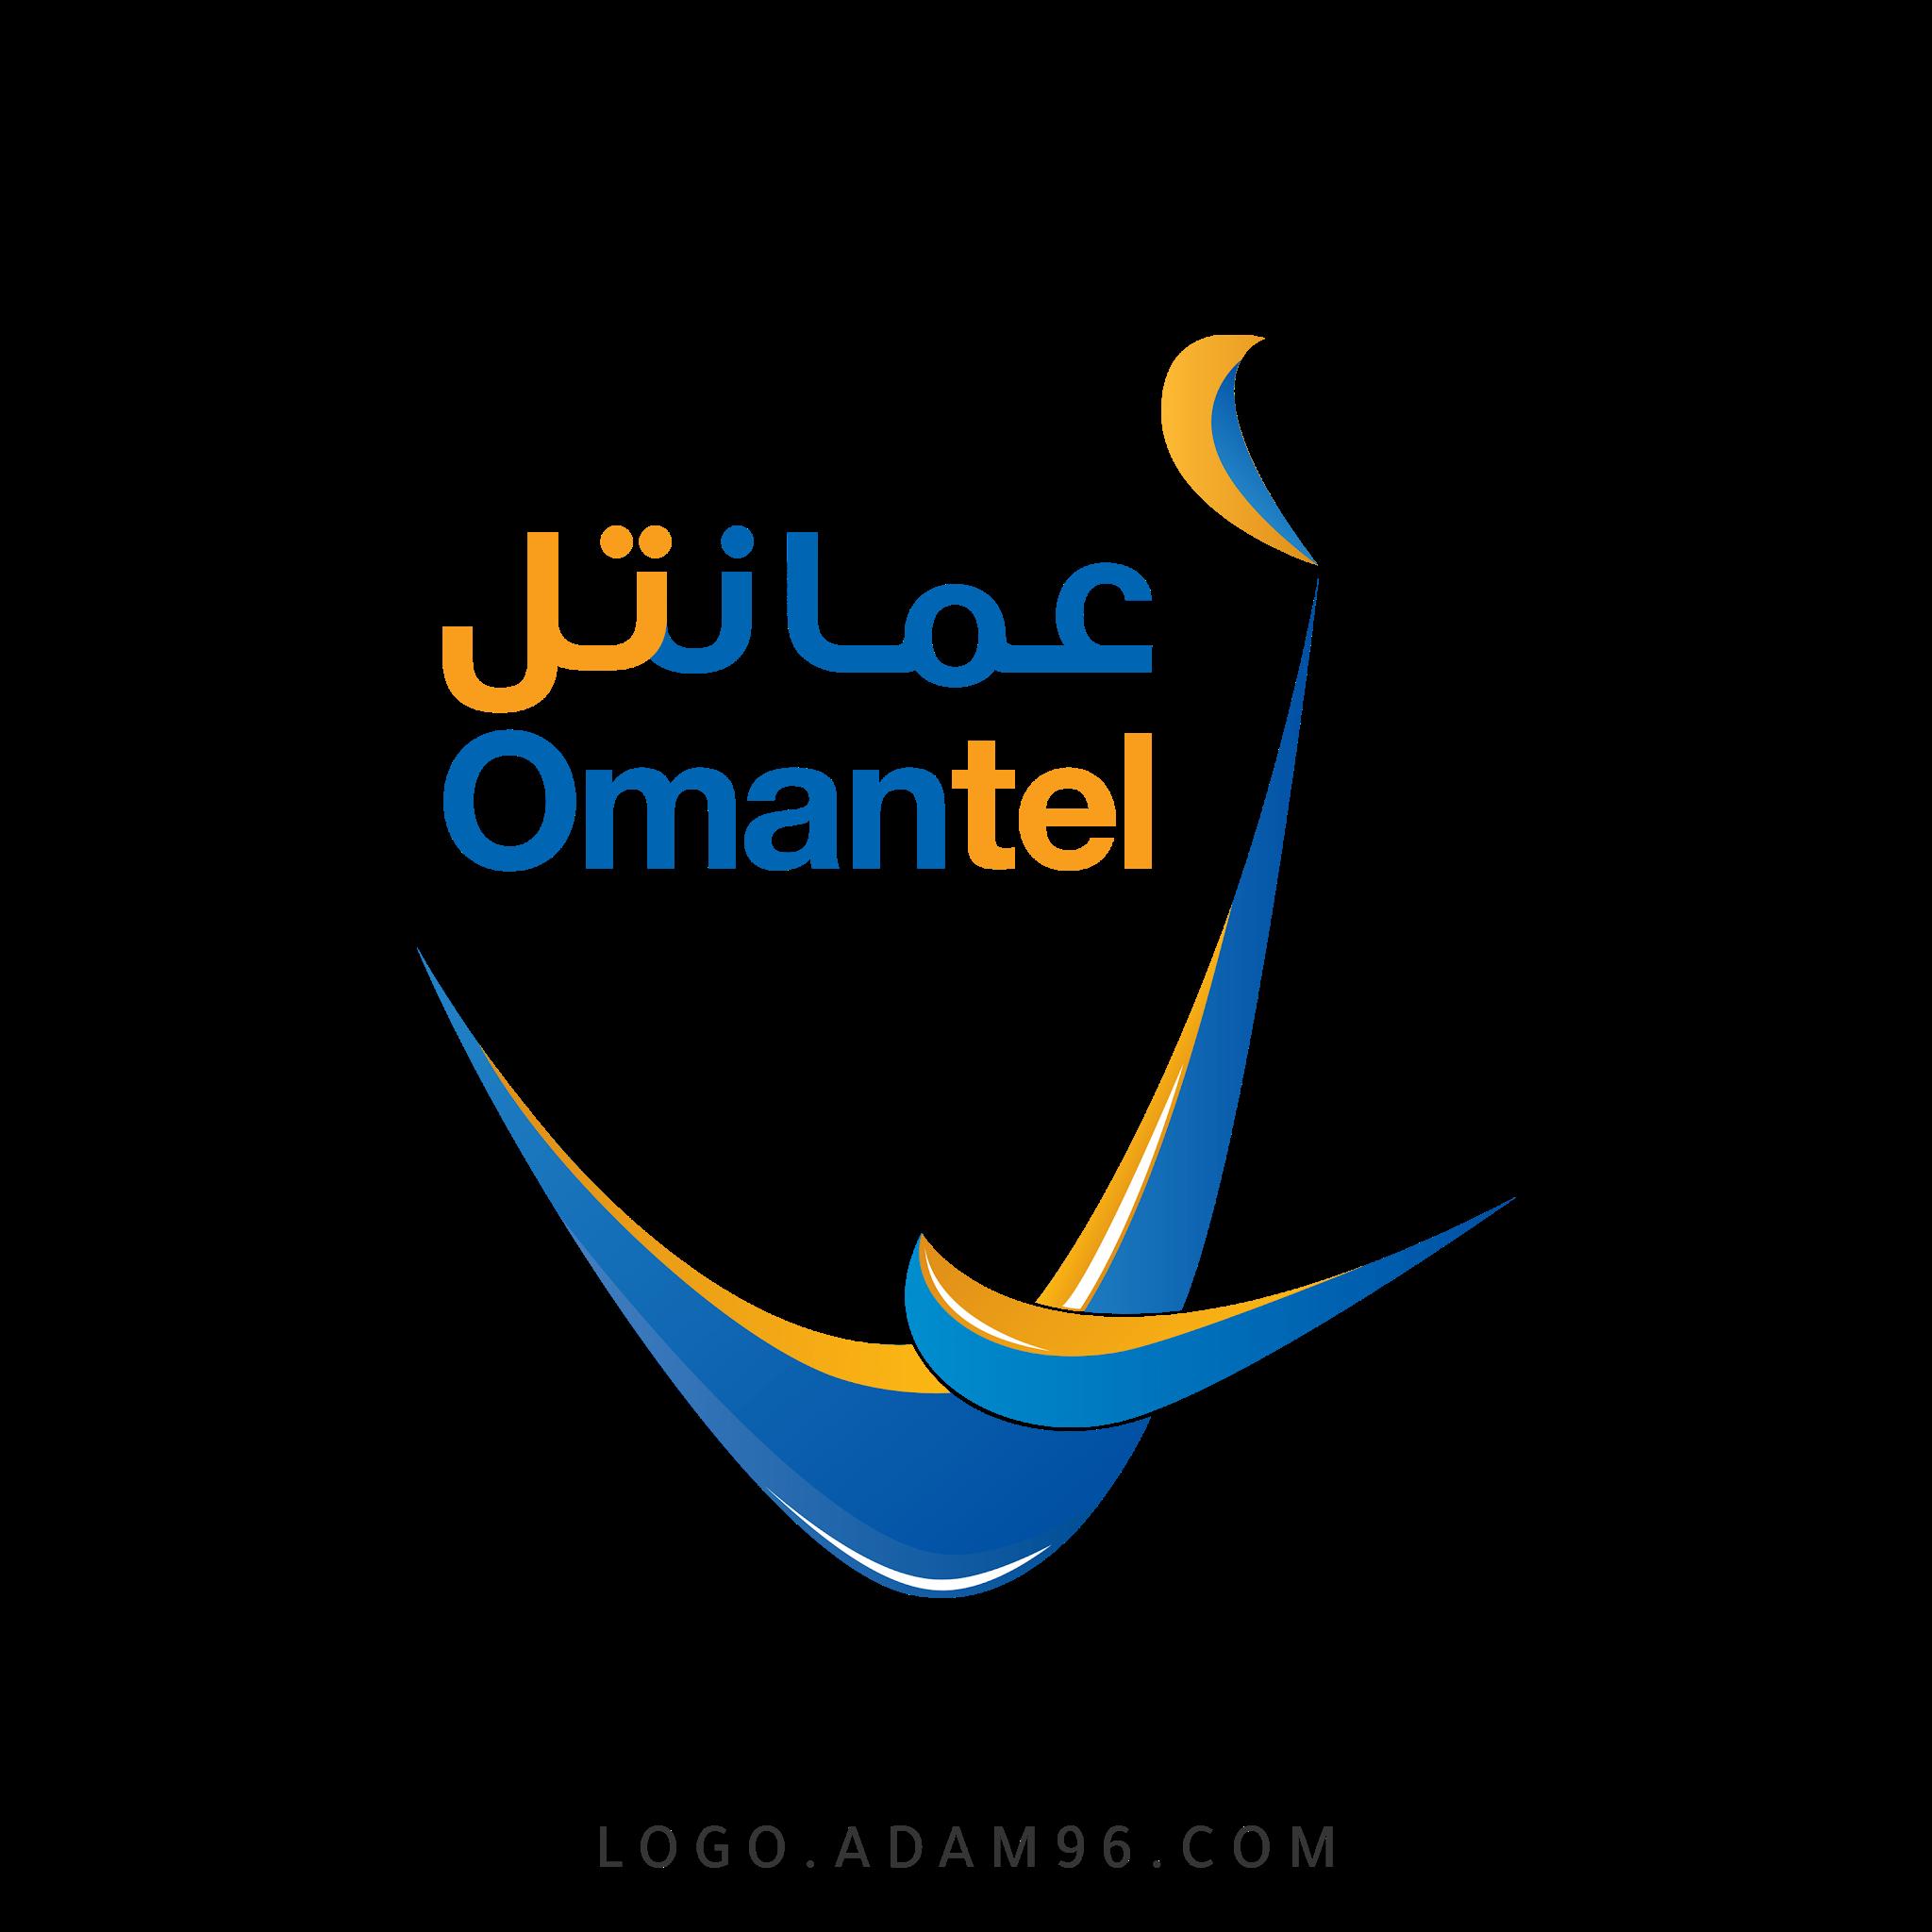 تحميل شعار عمانتل لوجو رسمي عالي الدقة بصيغة شفافة Logo Omantel PNG